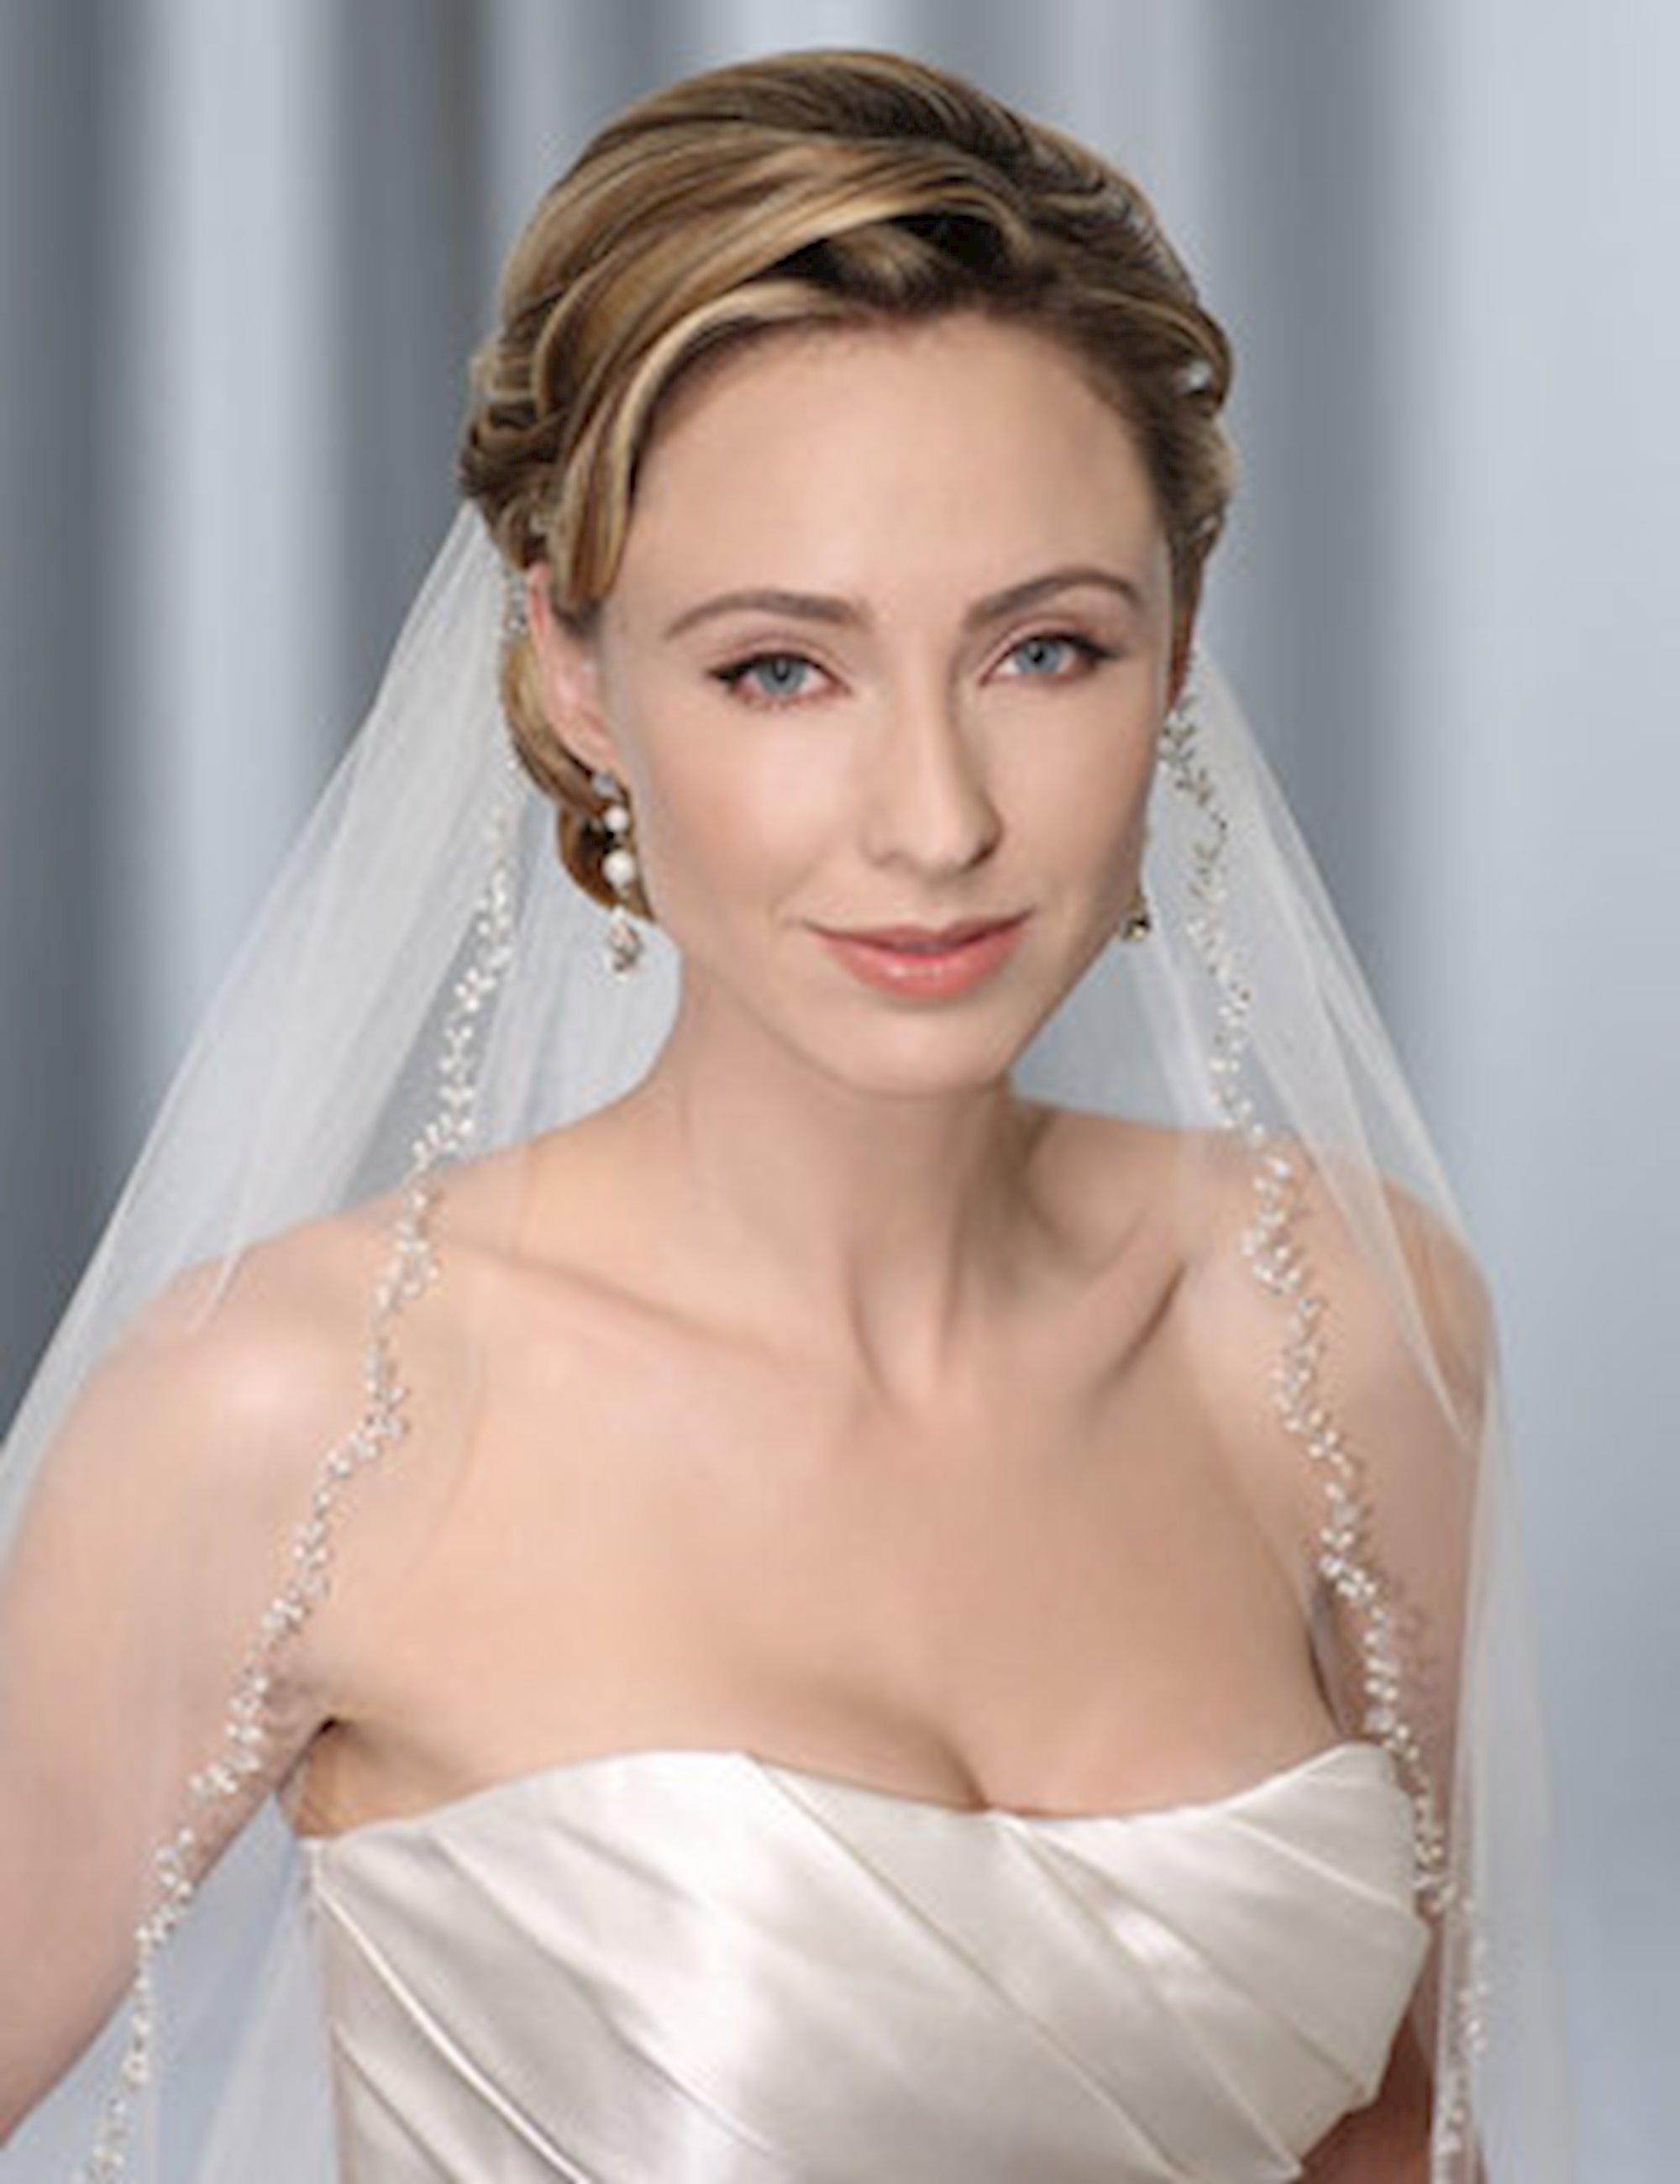 c3fe448a20 Bel Aire Bridal - V7155 | Trudys Brides